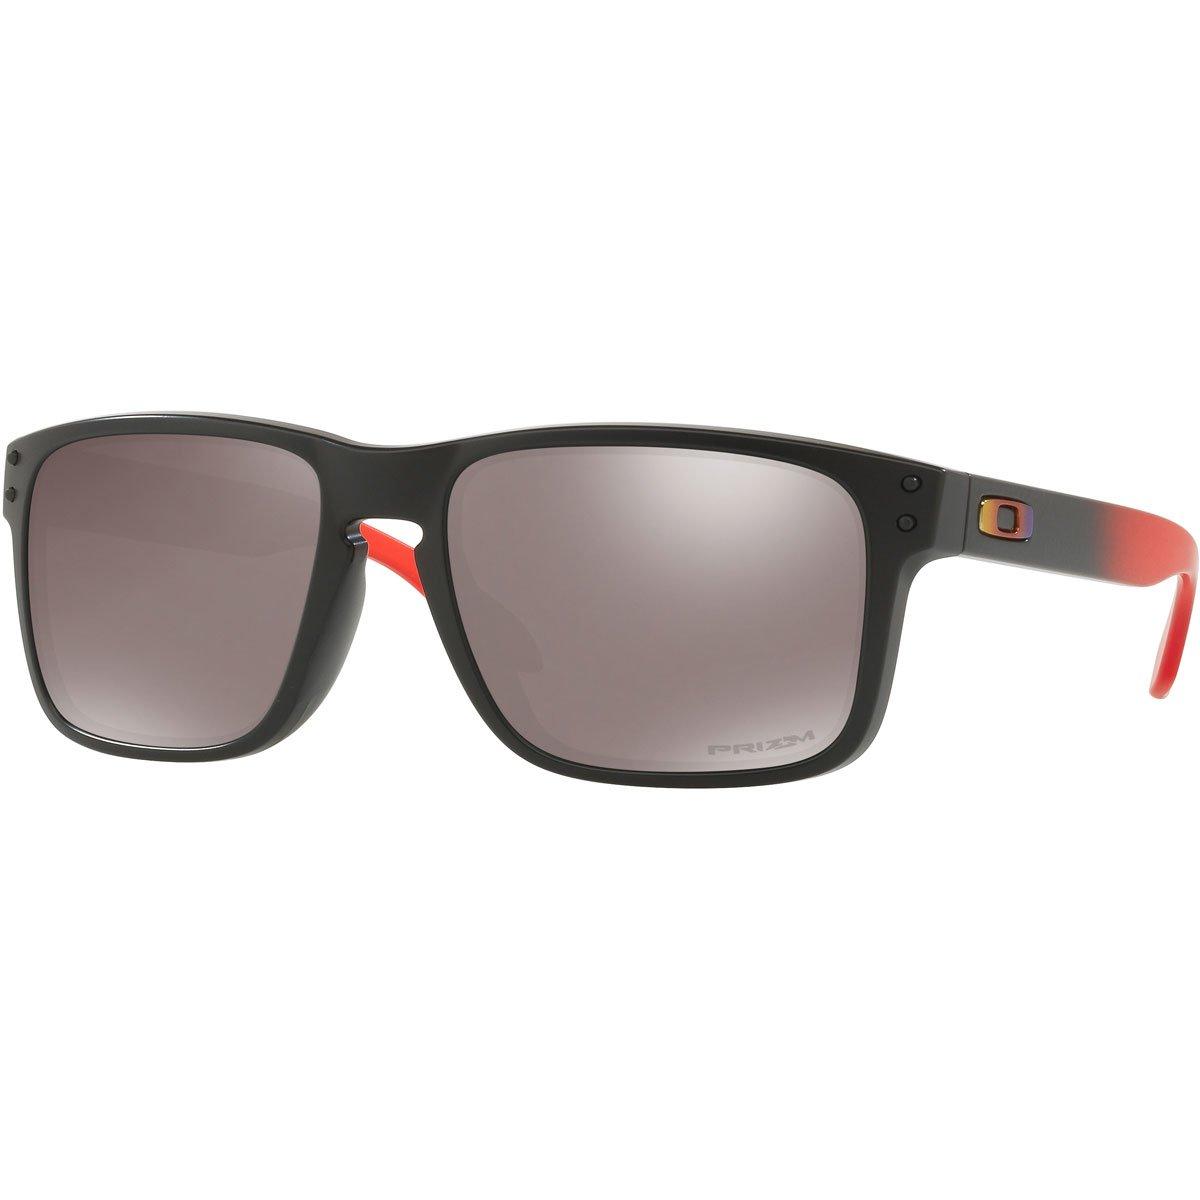 Oakley Men's Holbrook Sunglass, Ruby Fade/Prizm Black Polarized